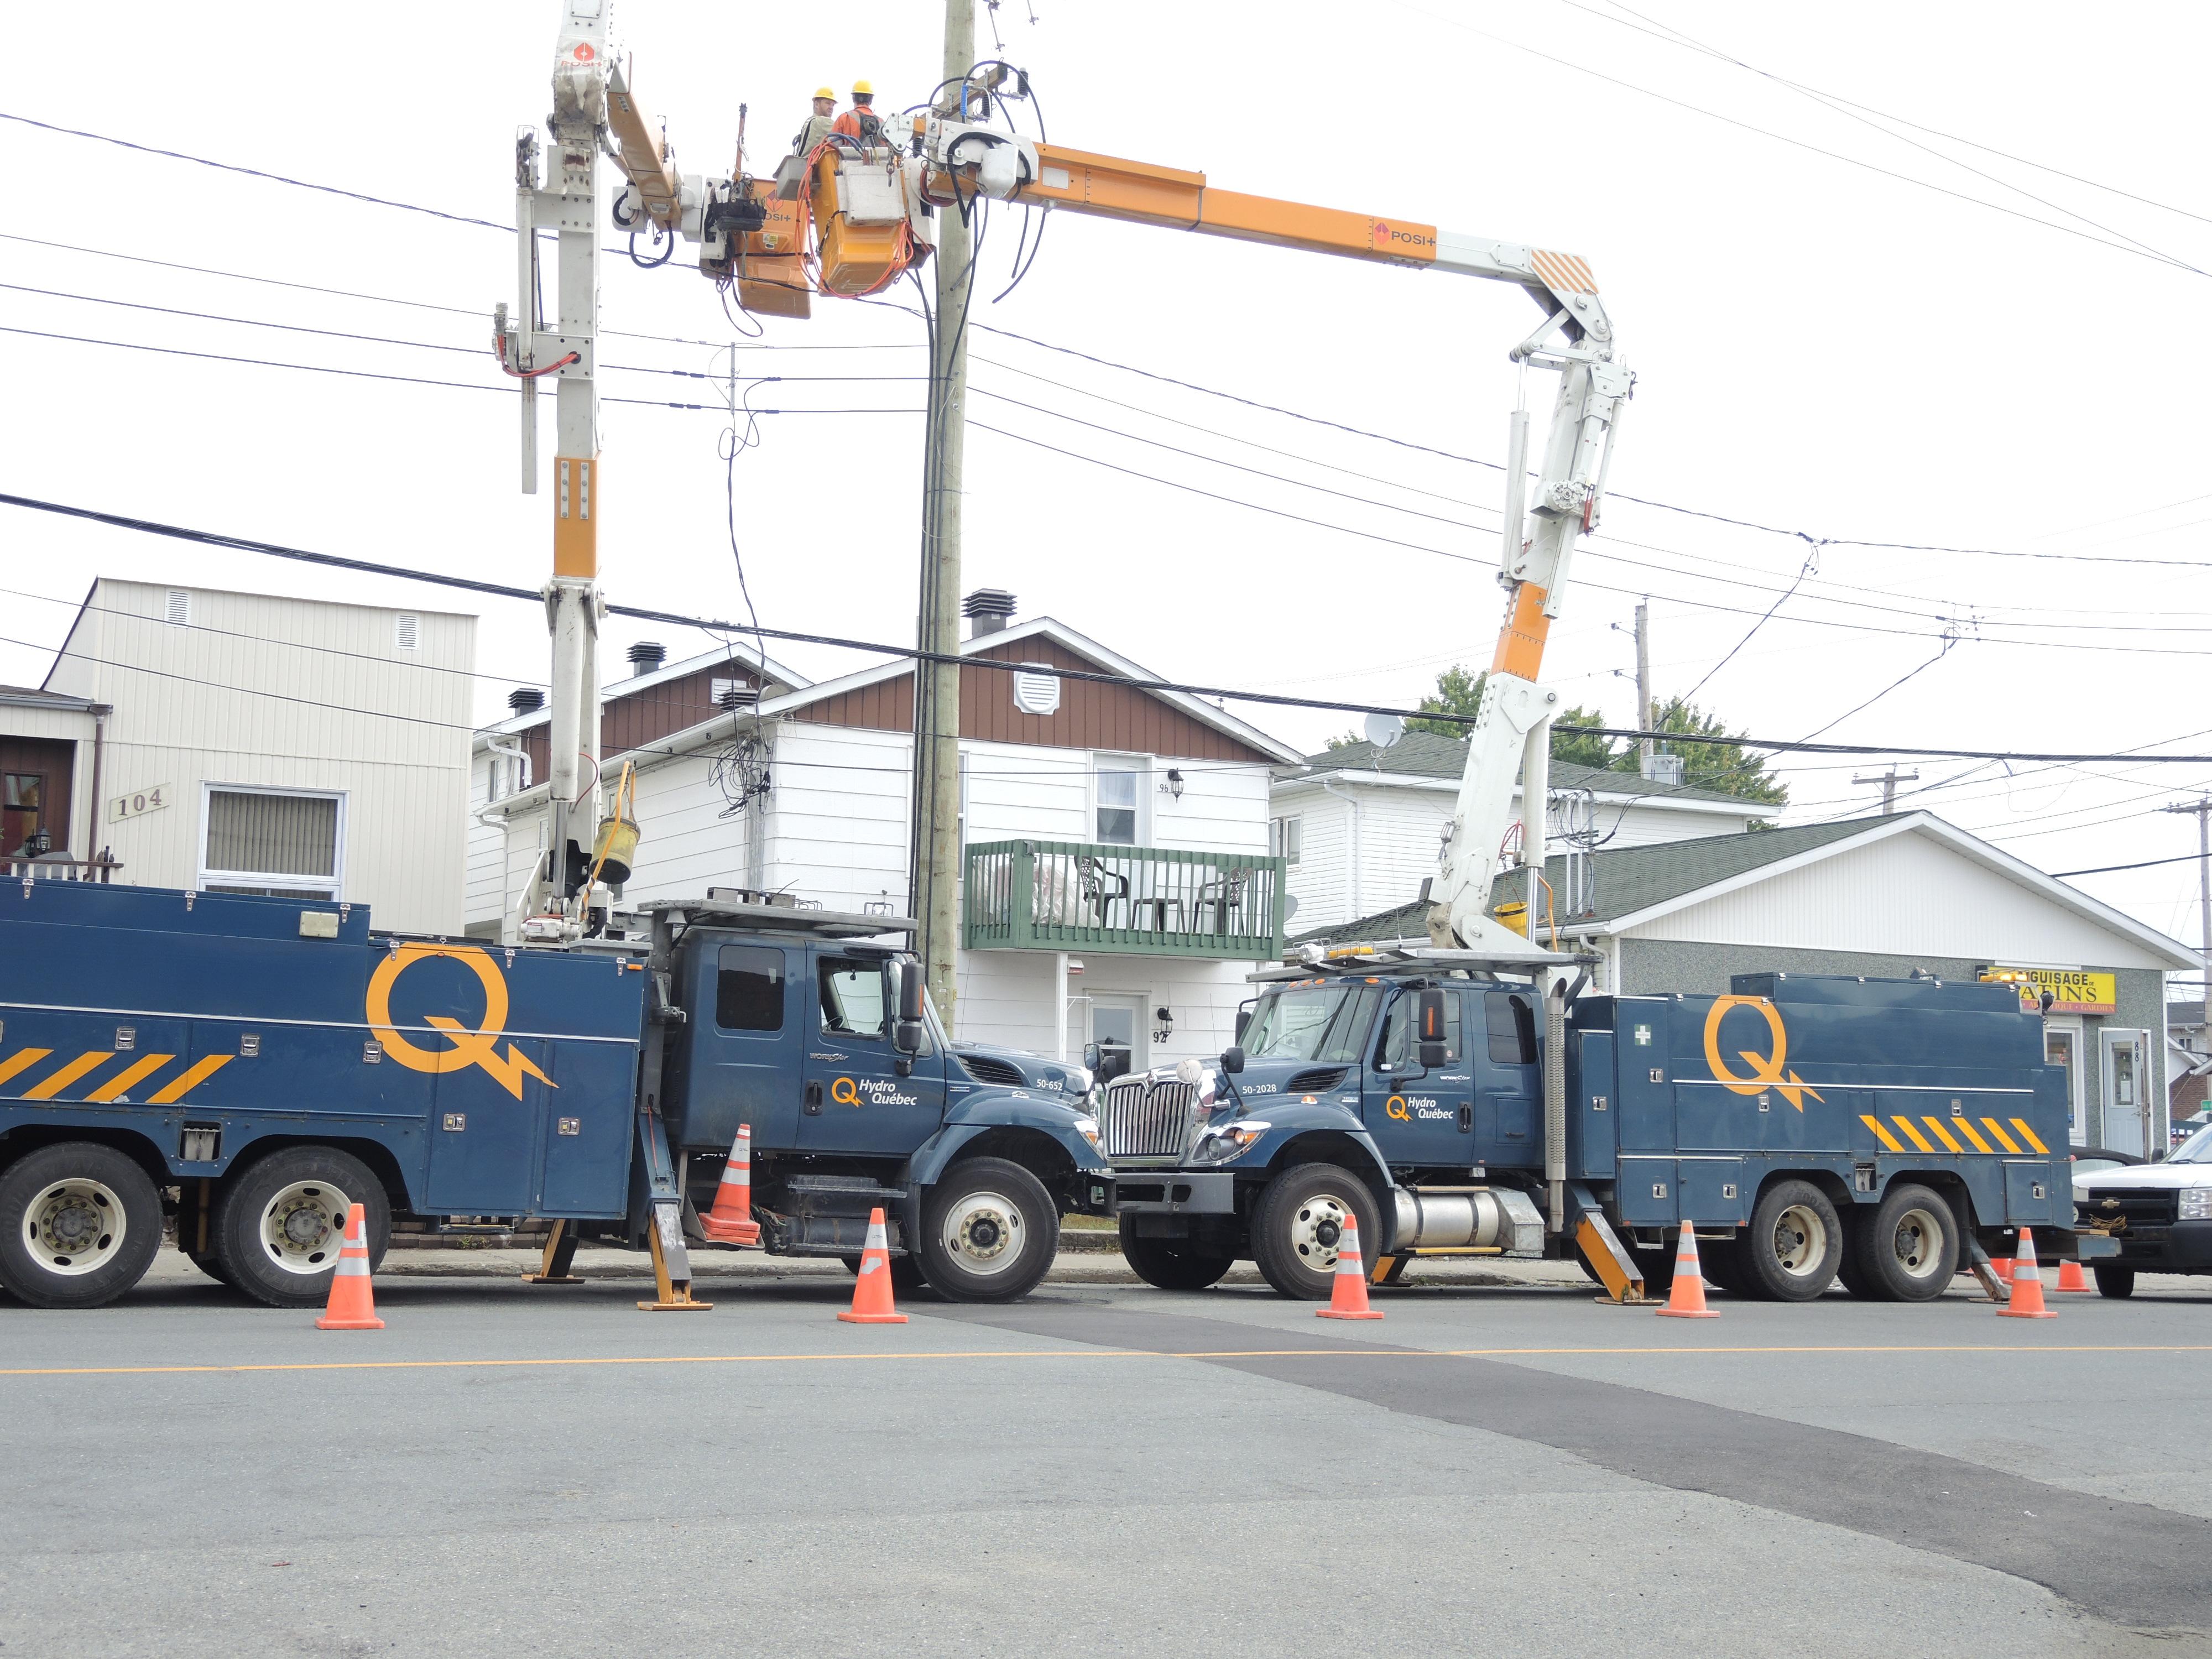 Hydro-Québec réparation travaux